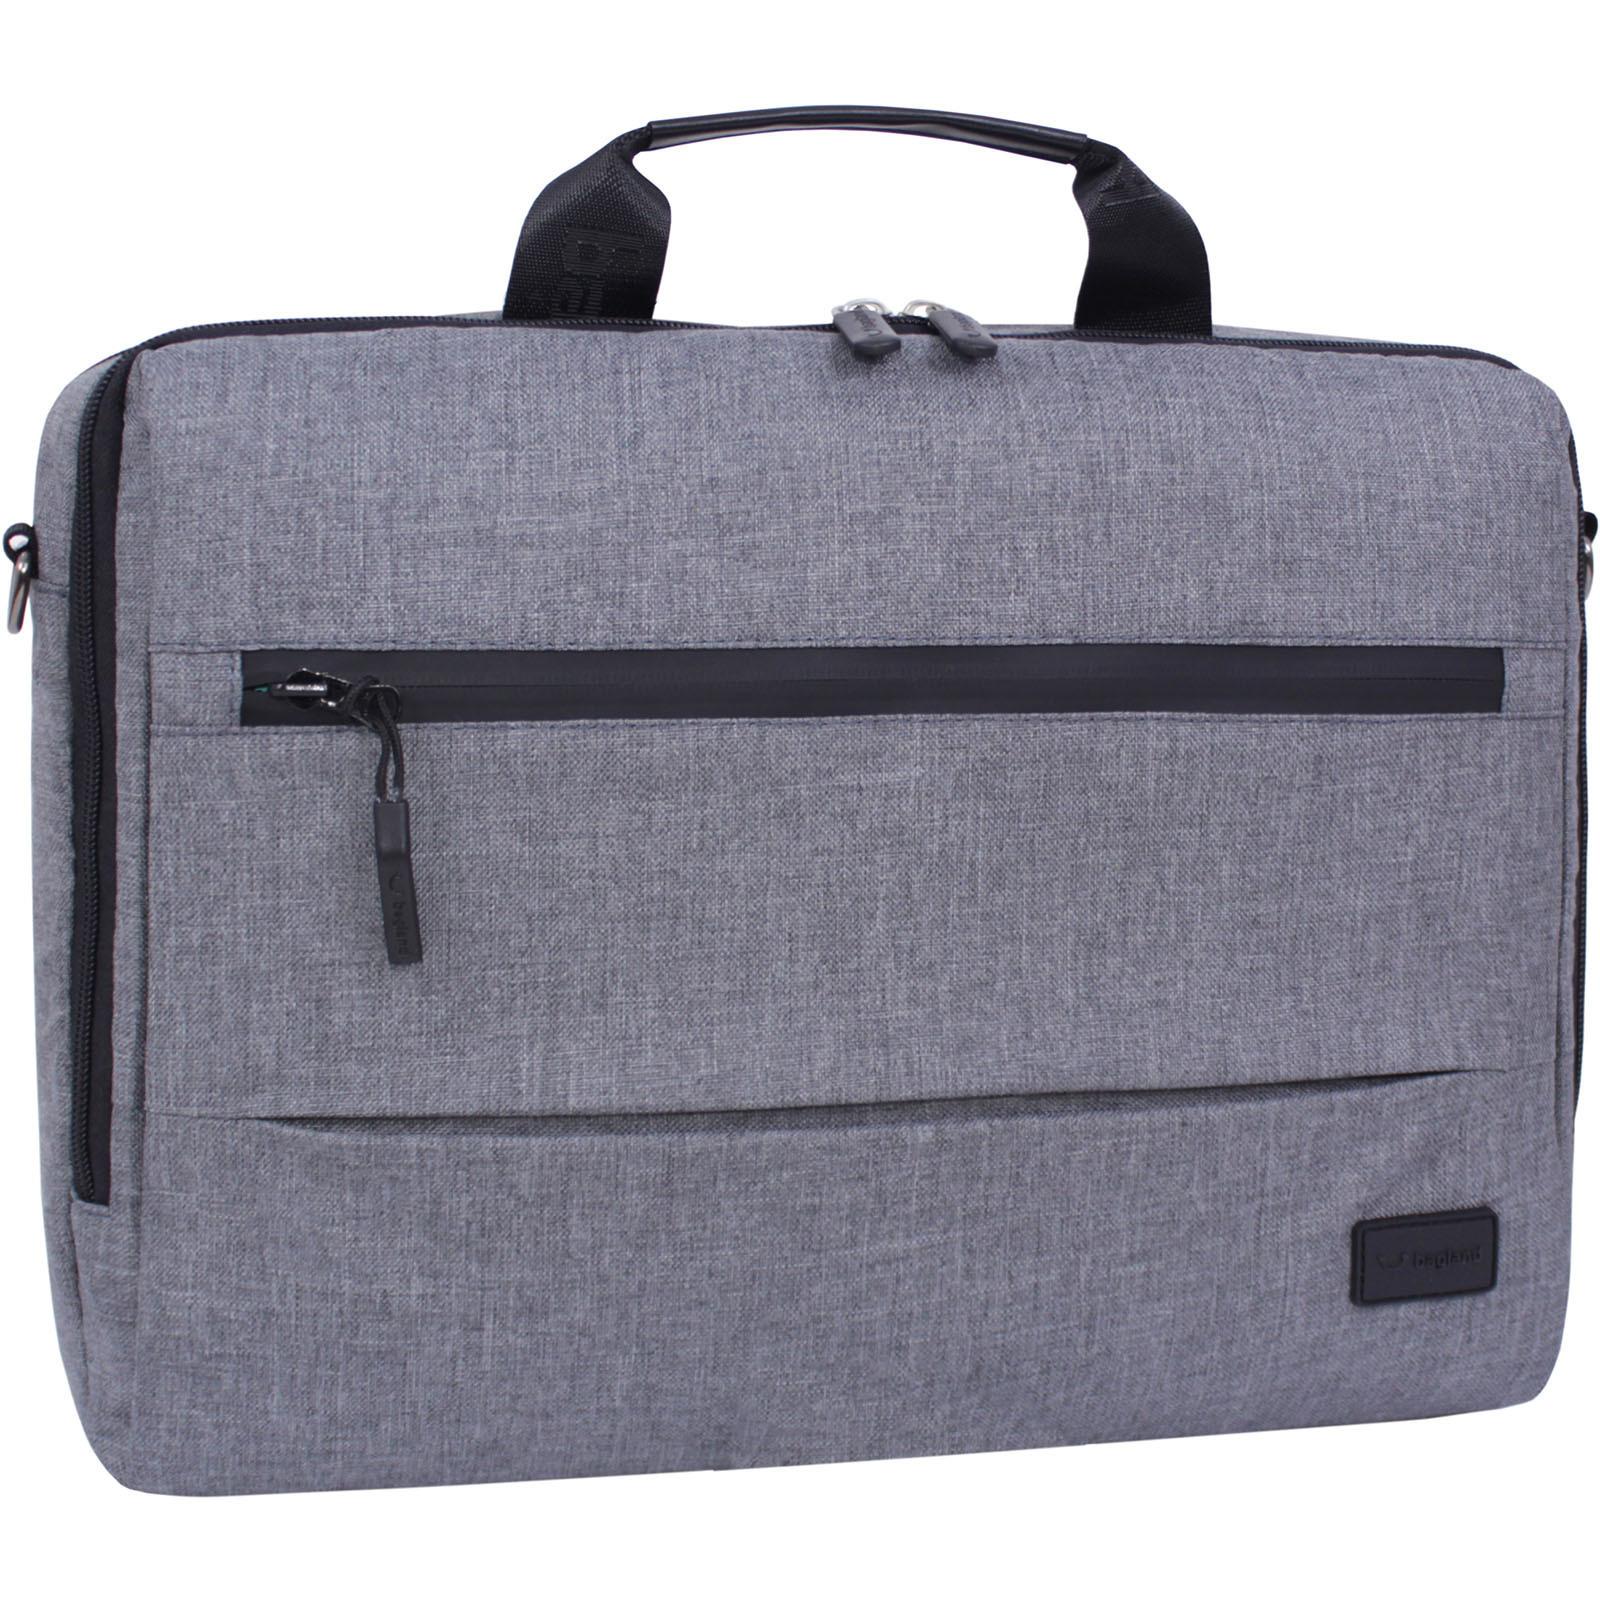 Сумки для ноутбука Сумка для ноутбука Bagland Континет 7 л. серый (0044069) IMG_6751.JPG